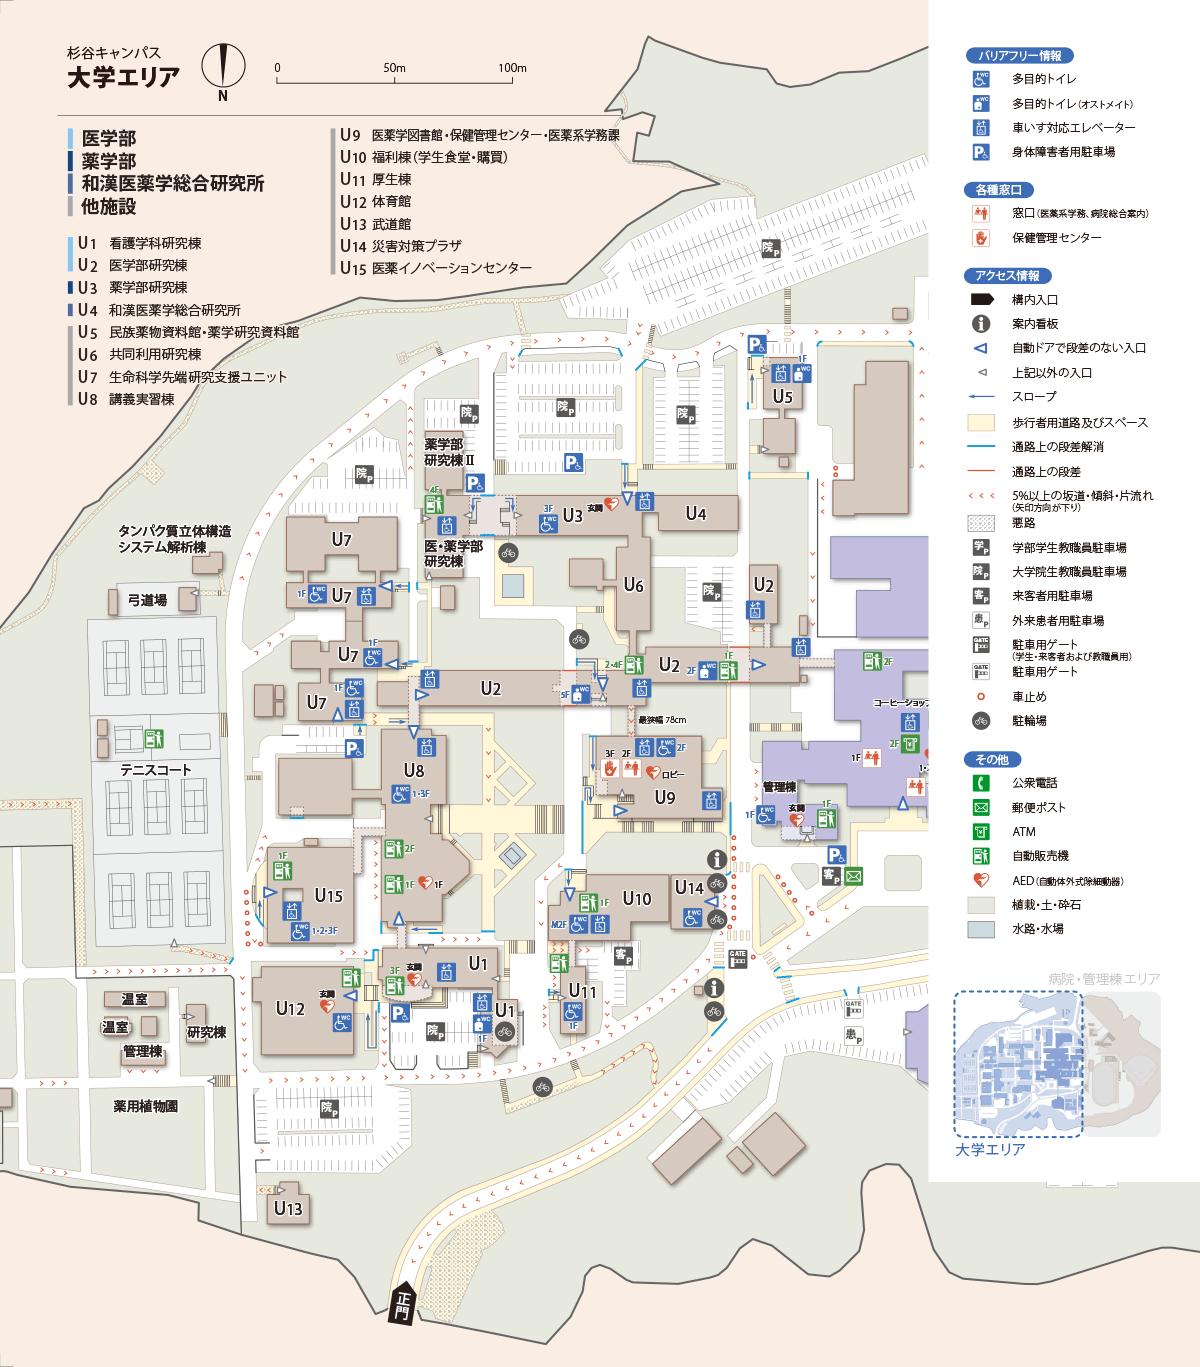 杉谷キャンパス大学エリア アクセシビリティ・マップ